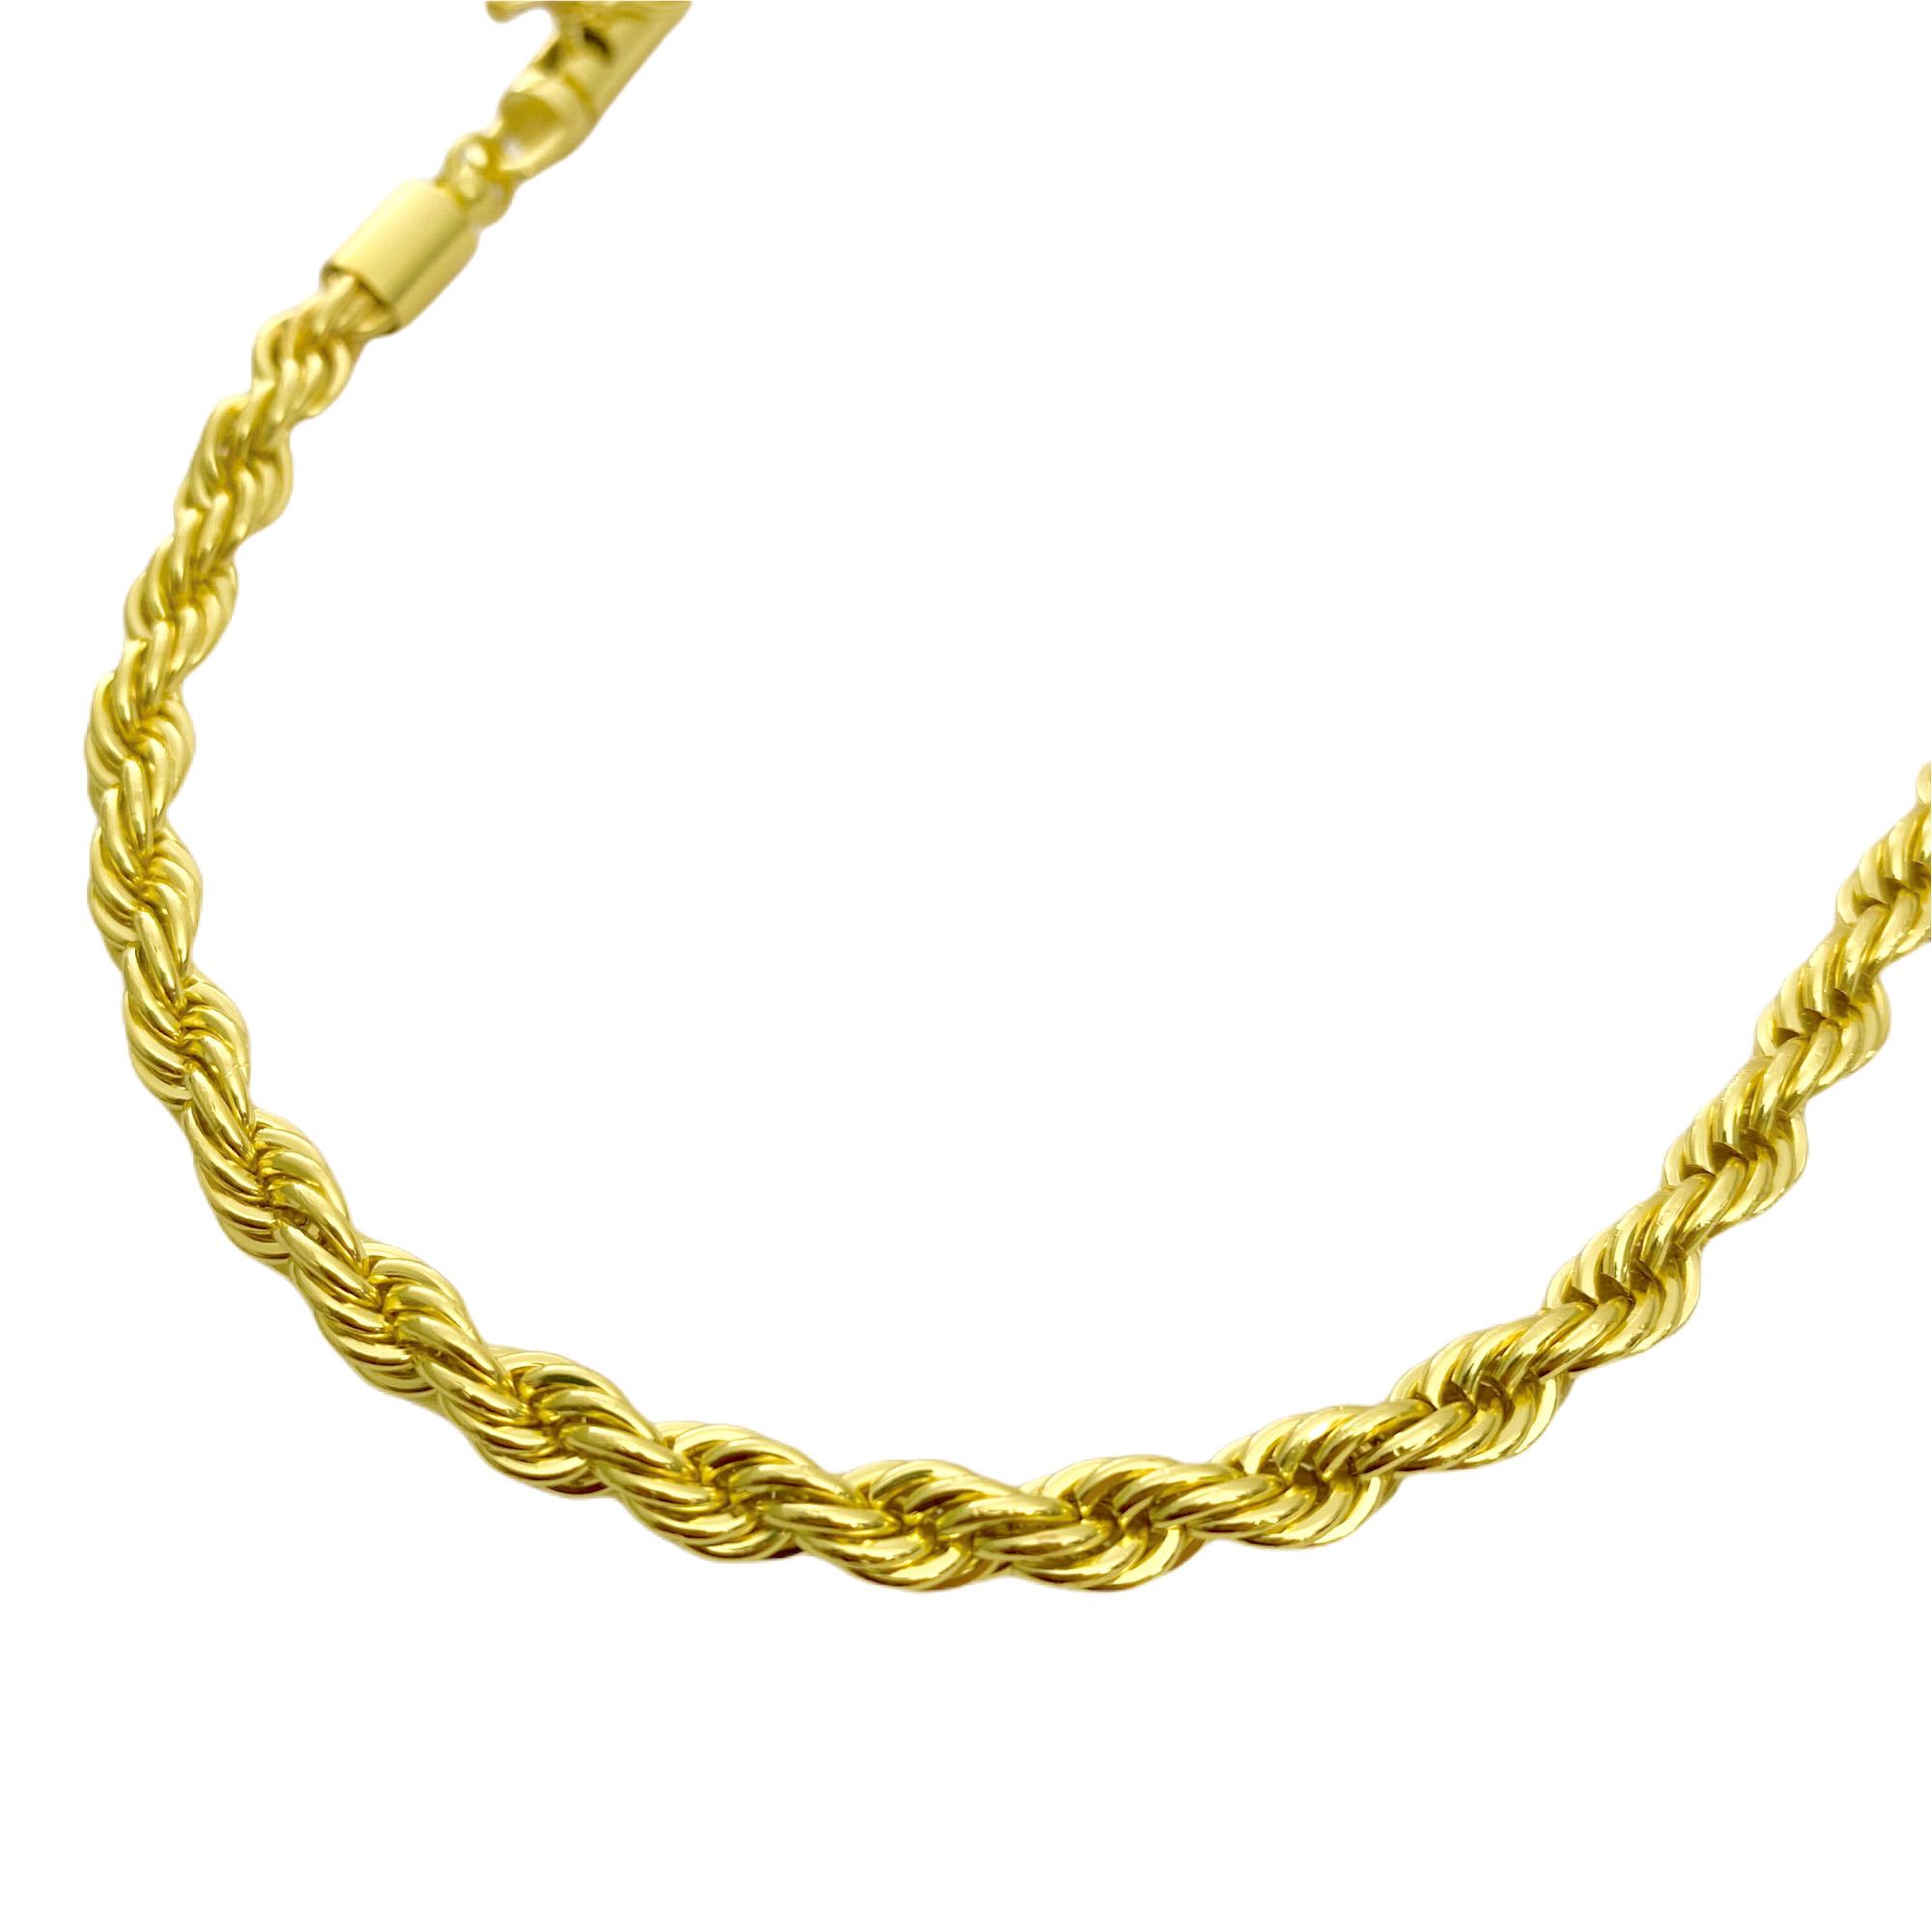 Corrente Cordão Baiano 5mm 50cm (36,5g) (Fecho Canhão) (Banho Ouro 24k)